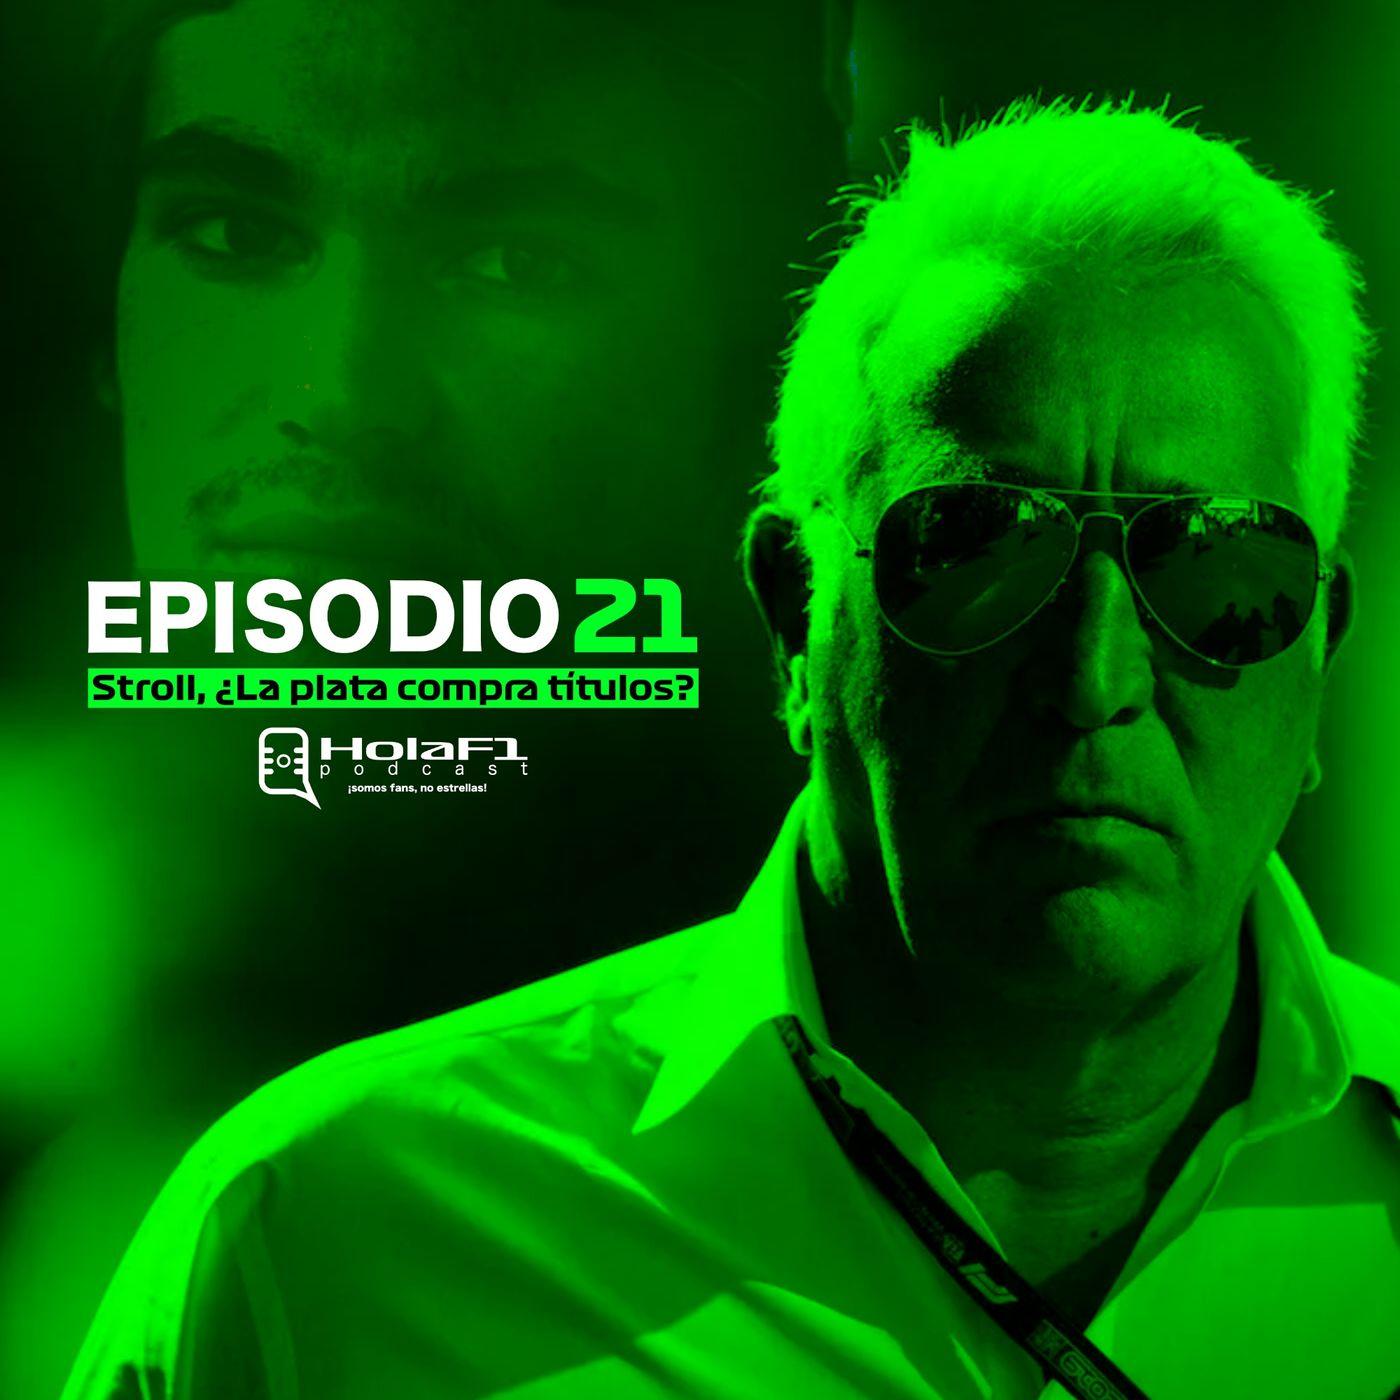 EP 21 - Stroll, ¿La plata compra títulos?